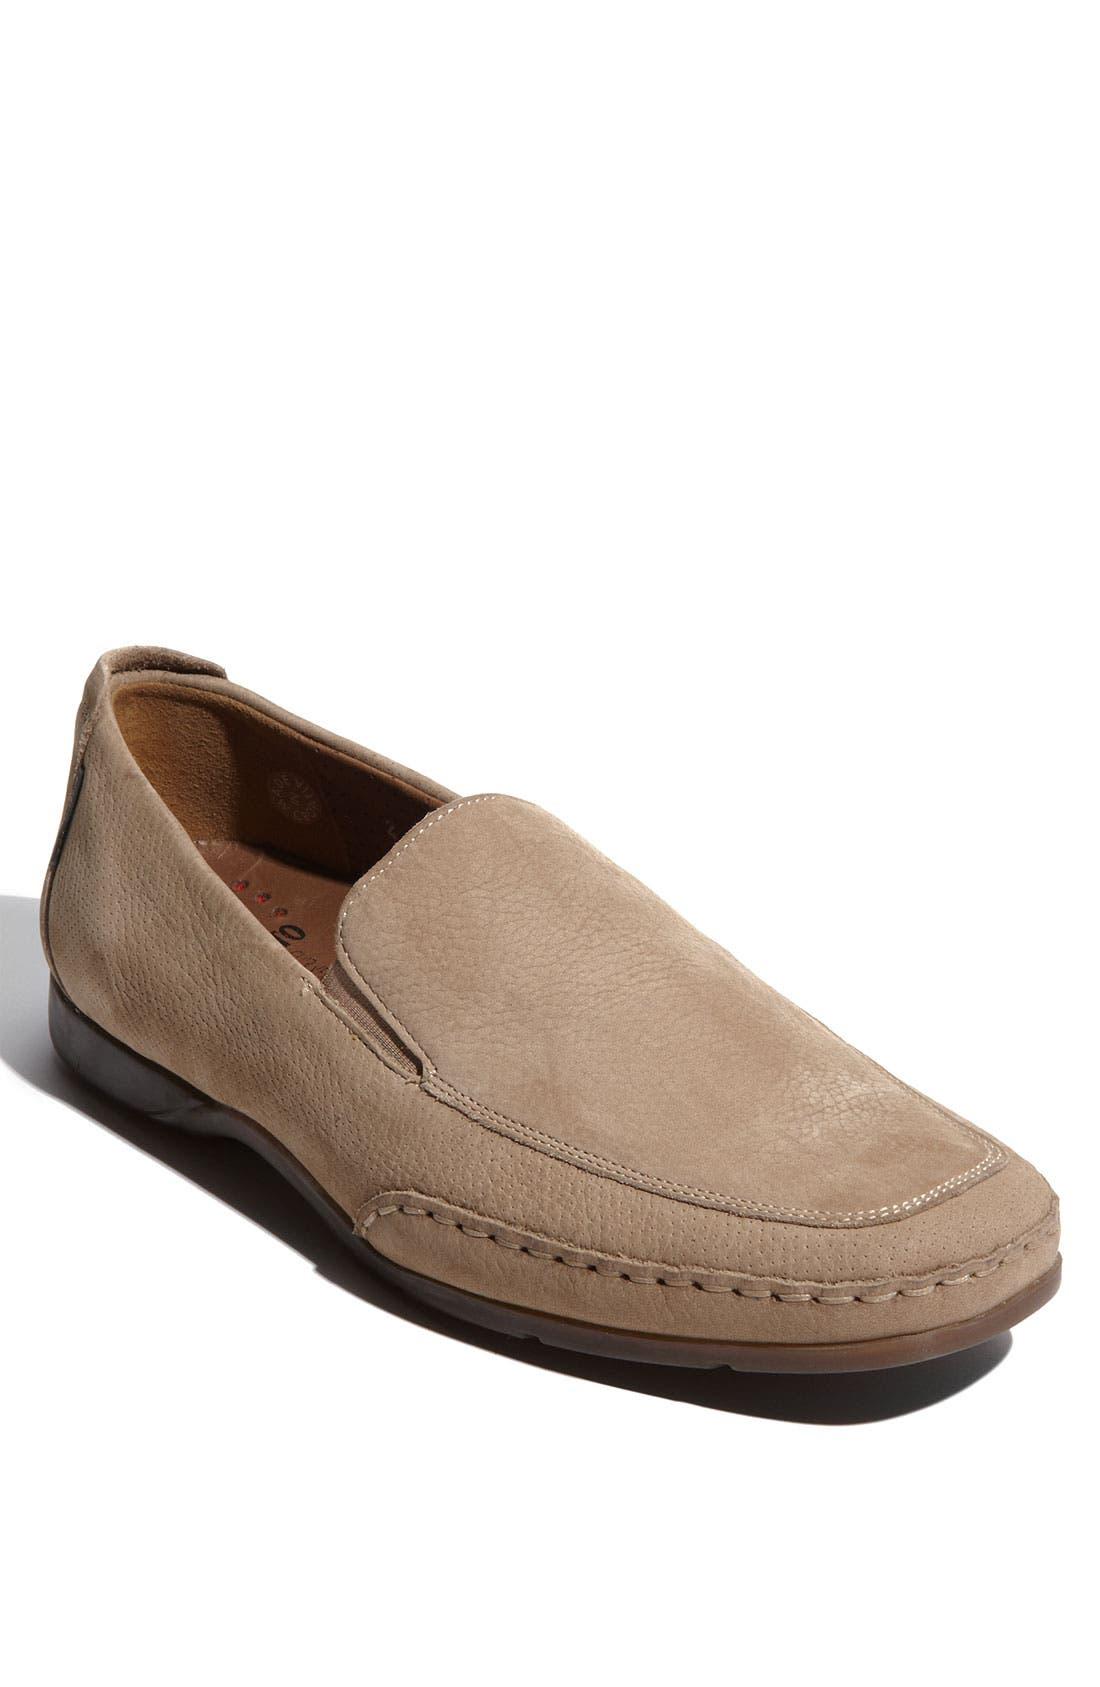 Main Image - Mephisto 'Edlef' Perforated Shoe